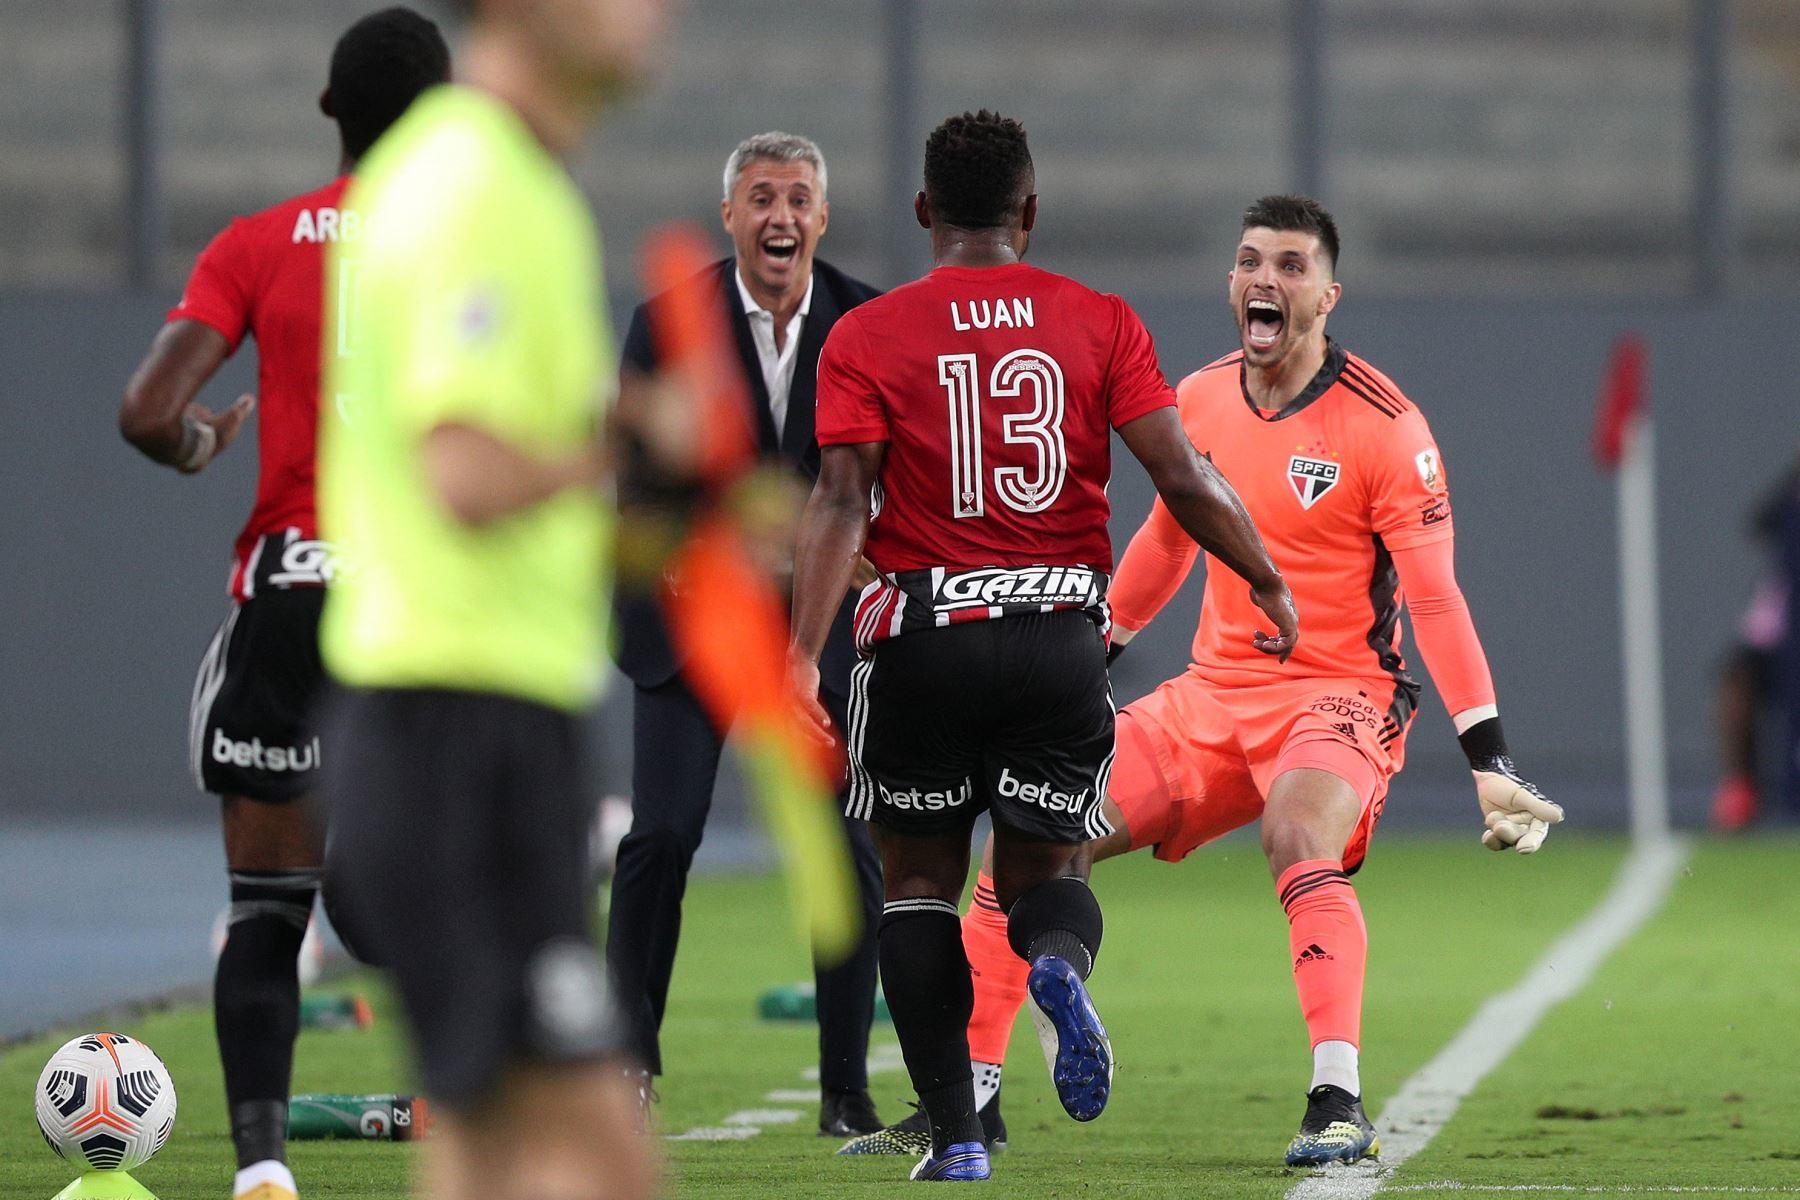 El jugador brasileño Sao Paulo, Luan Santos celebra tras anotar un gol contra el peruano Sporting Cristal durante el partido de la fase de grupos del torneo de fútbol Copa Libertadores en el Estadio Nacional de Lima. Foto: AFP